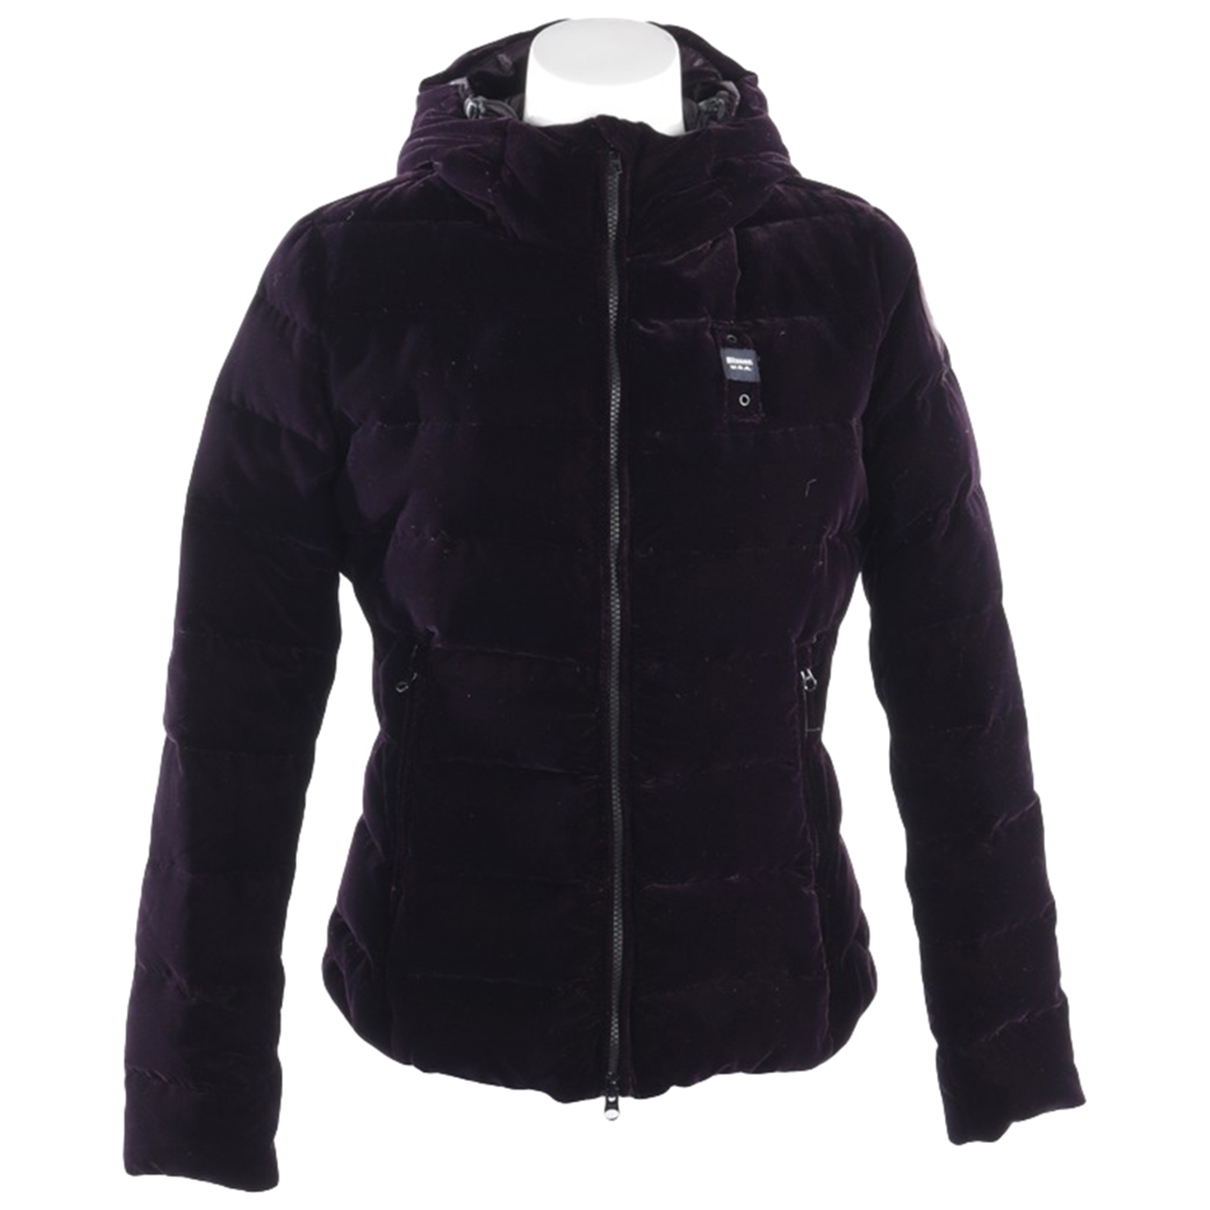 Blauer \N Purple jacket for Women 40 FR